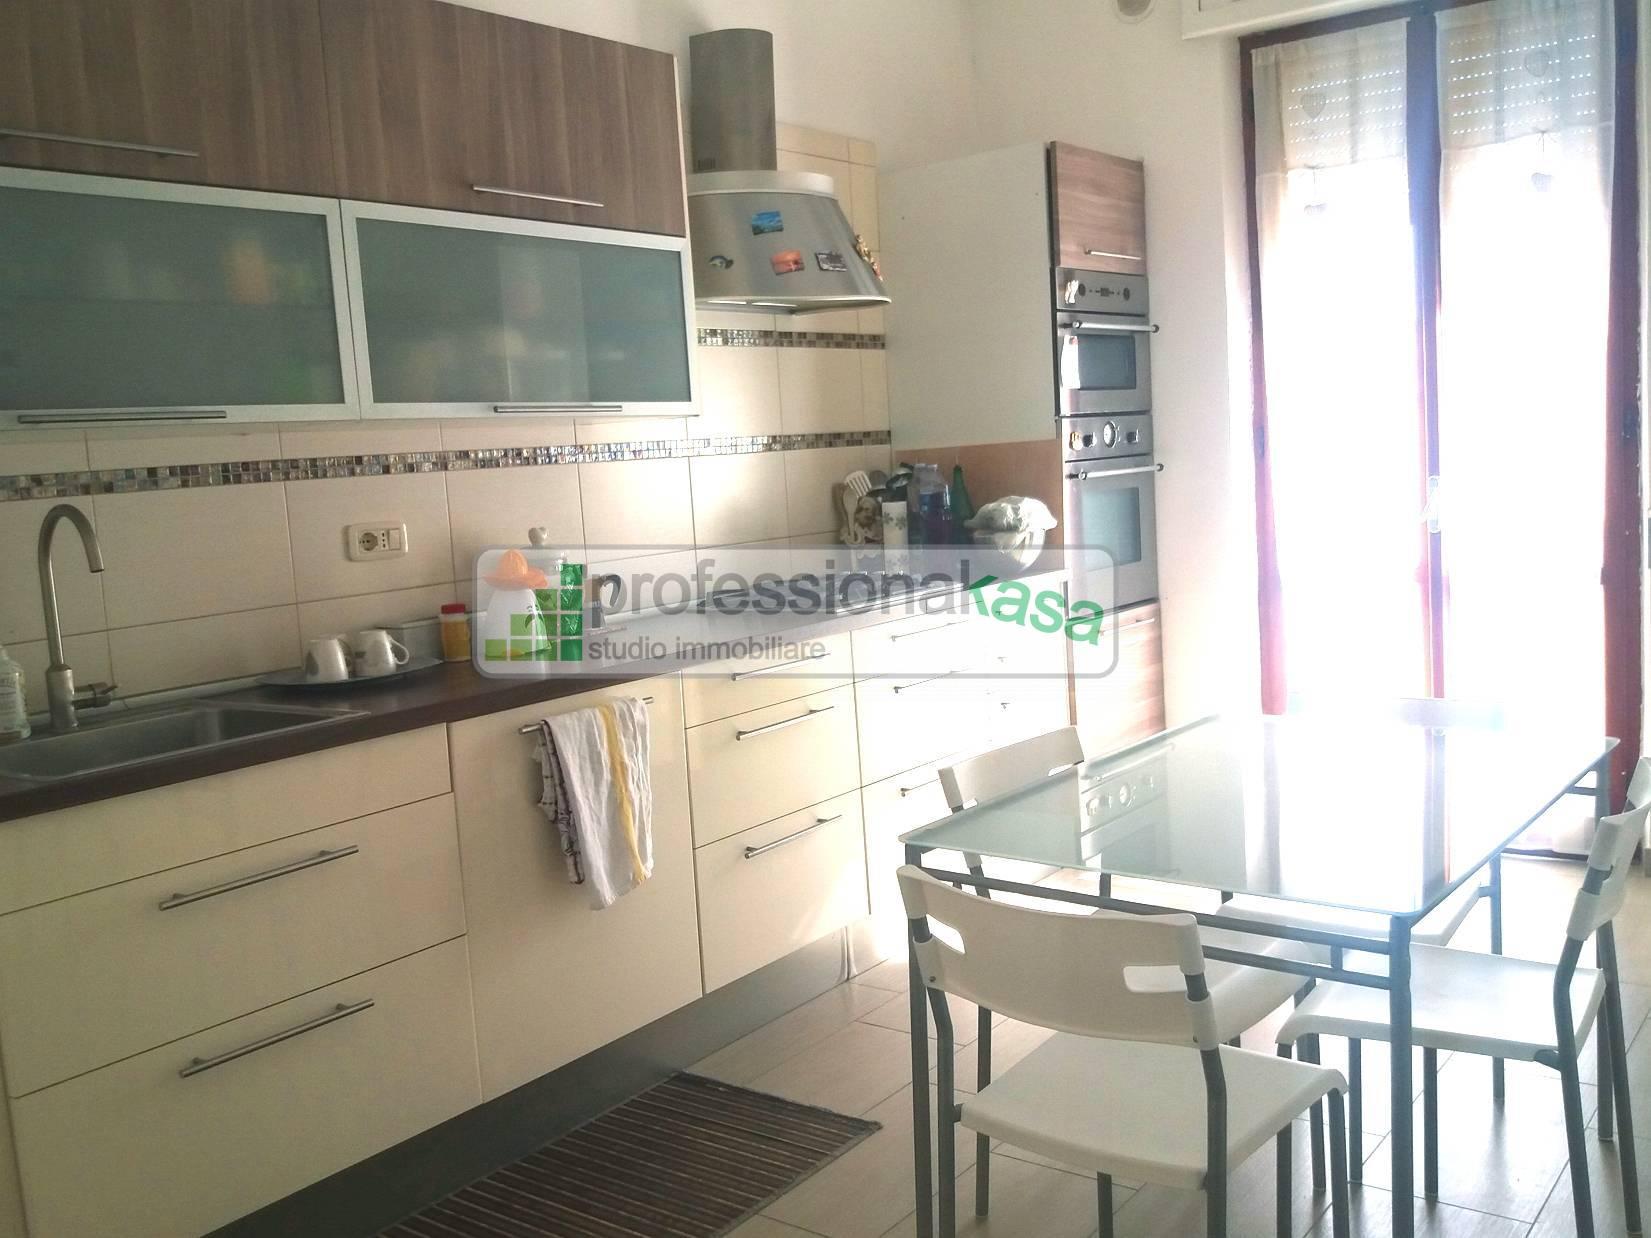 Appartamento in vendita a Vasto, 5 locali, zona Località: 1Centrostorico, prezzo € 135.000   PortaleAgenzieImmobiliari.it